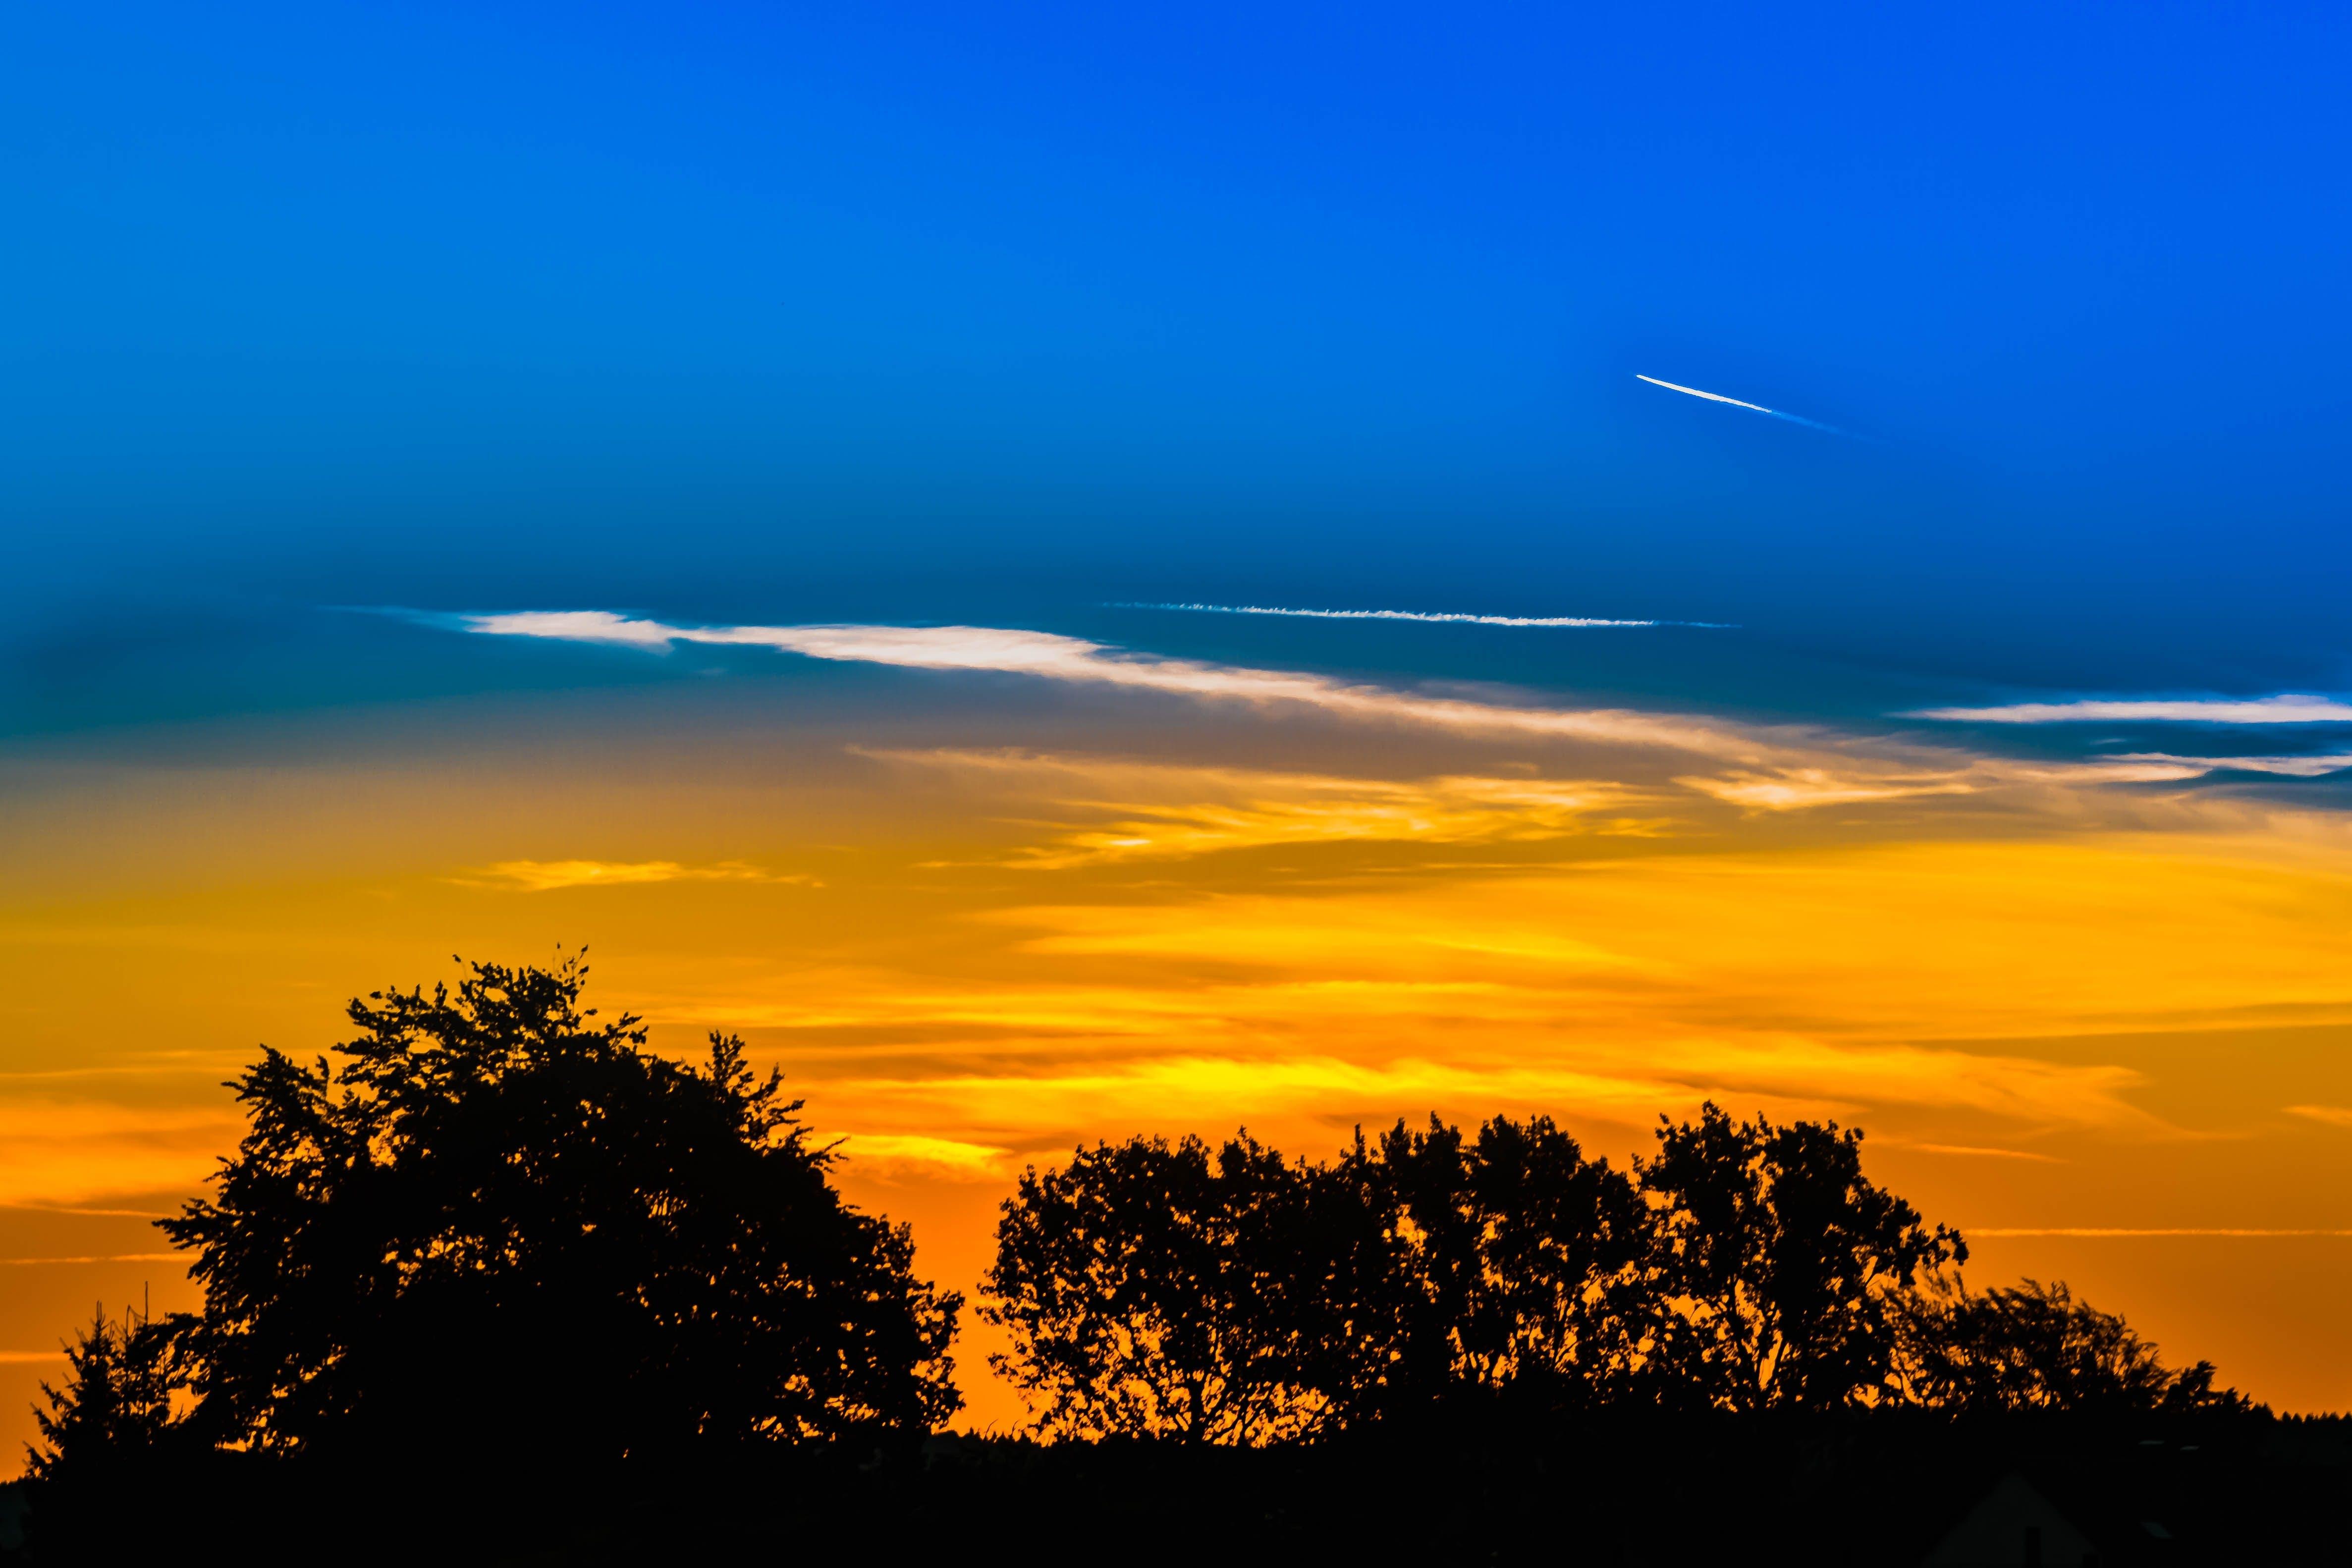 aften, atmosfærisk, bagbelyst